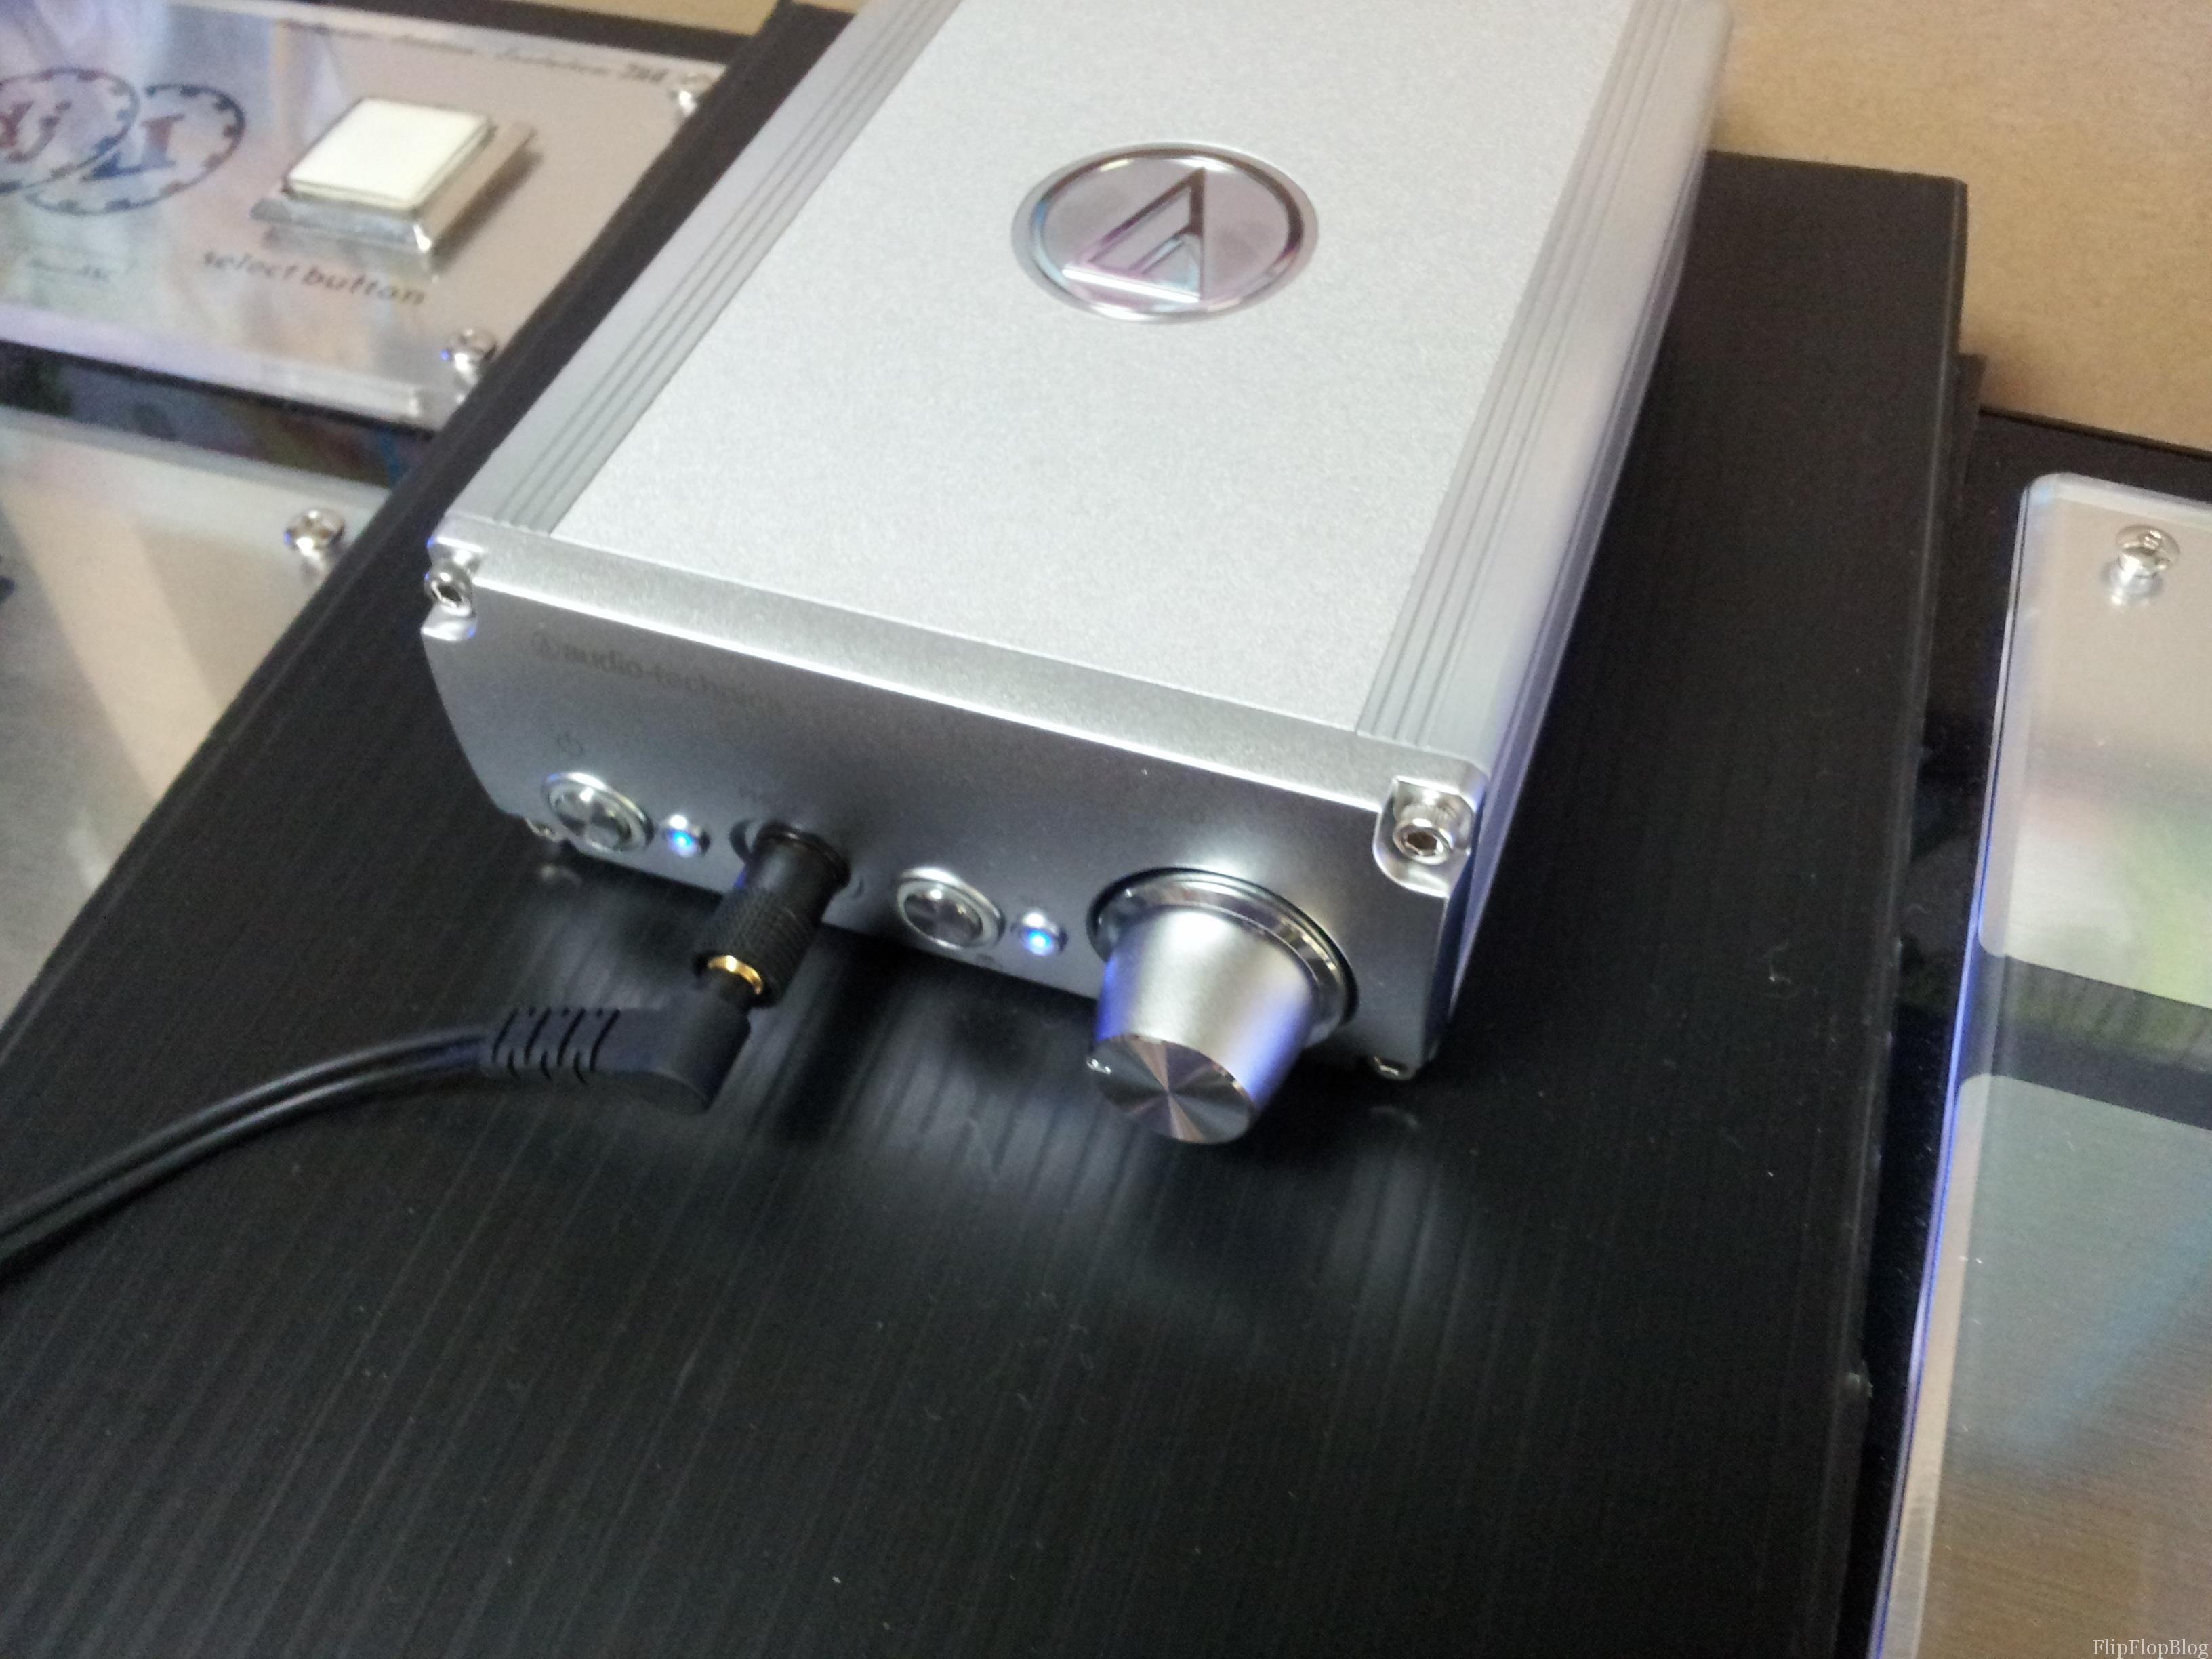 ヘッドホンアンプAT-HA26D 購入レビュー - FlipFlopBlog